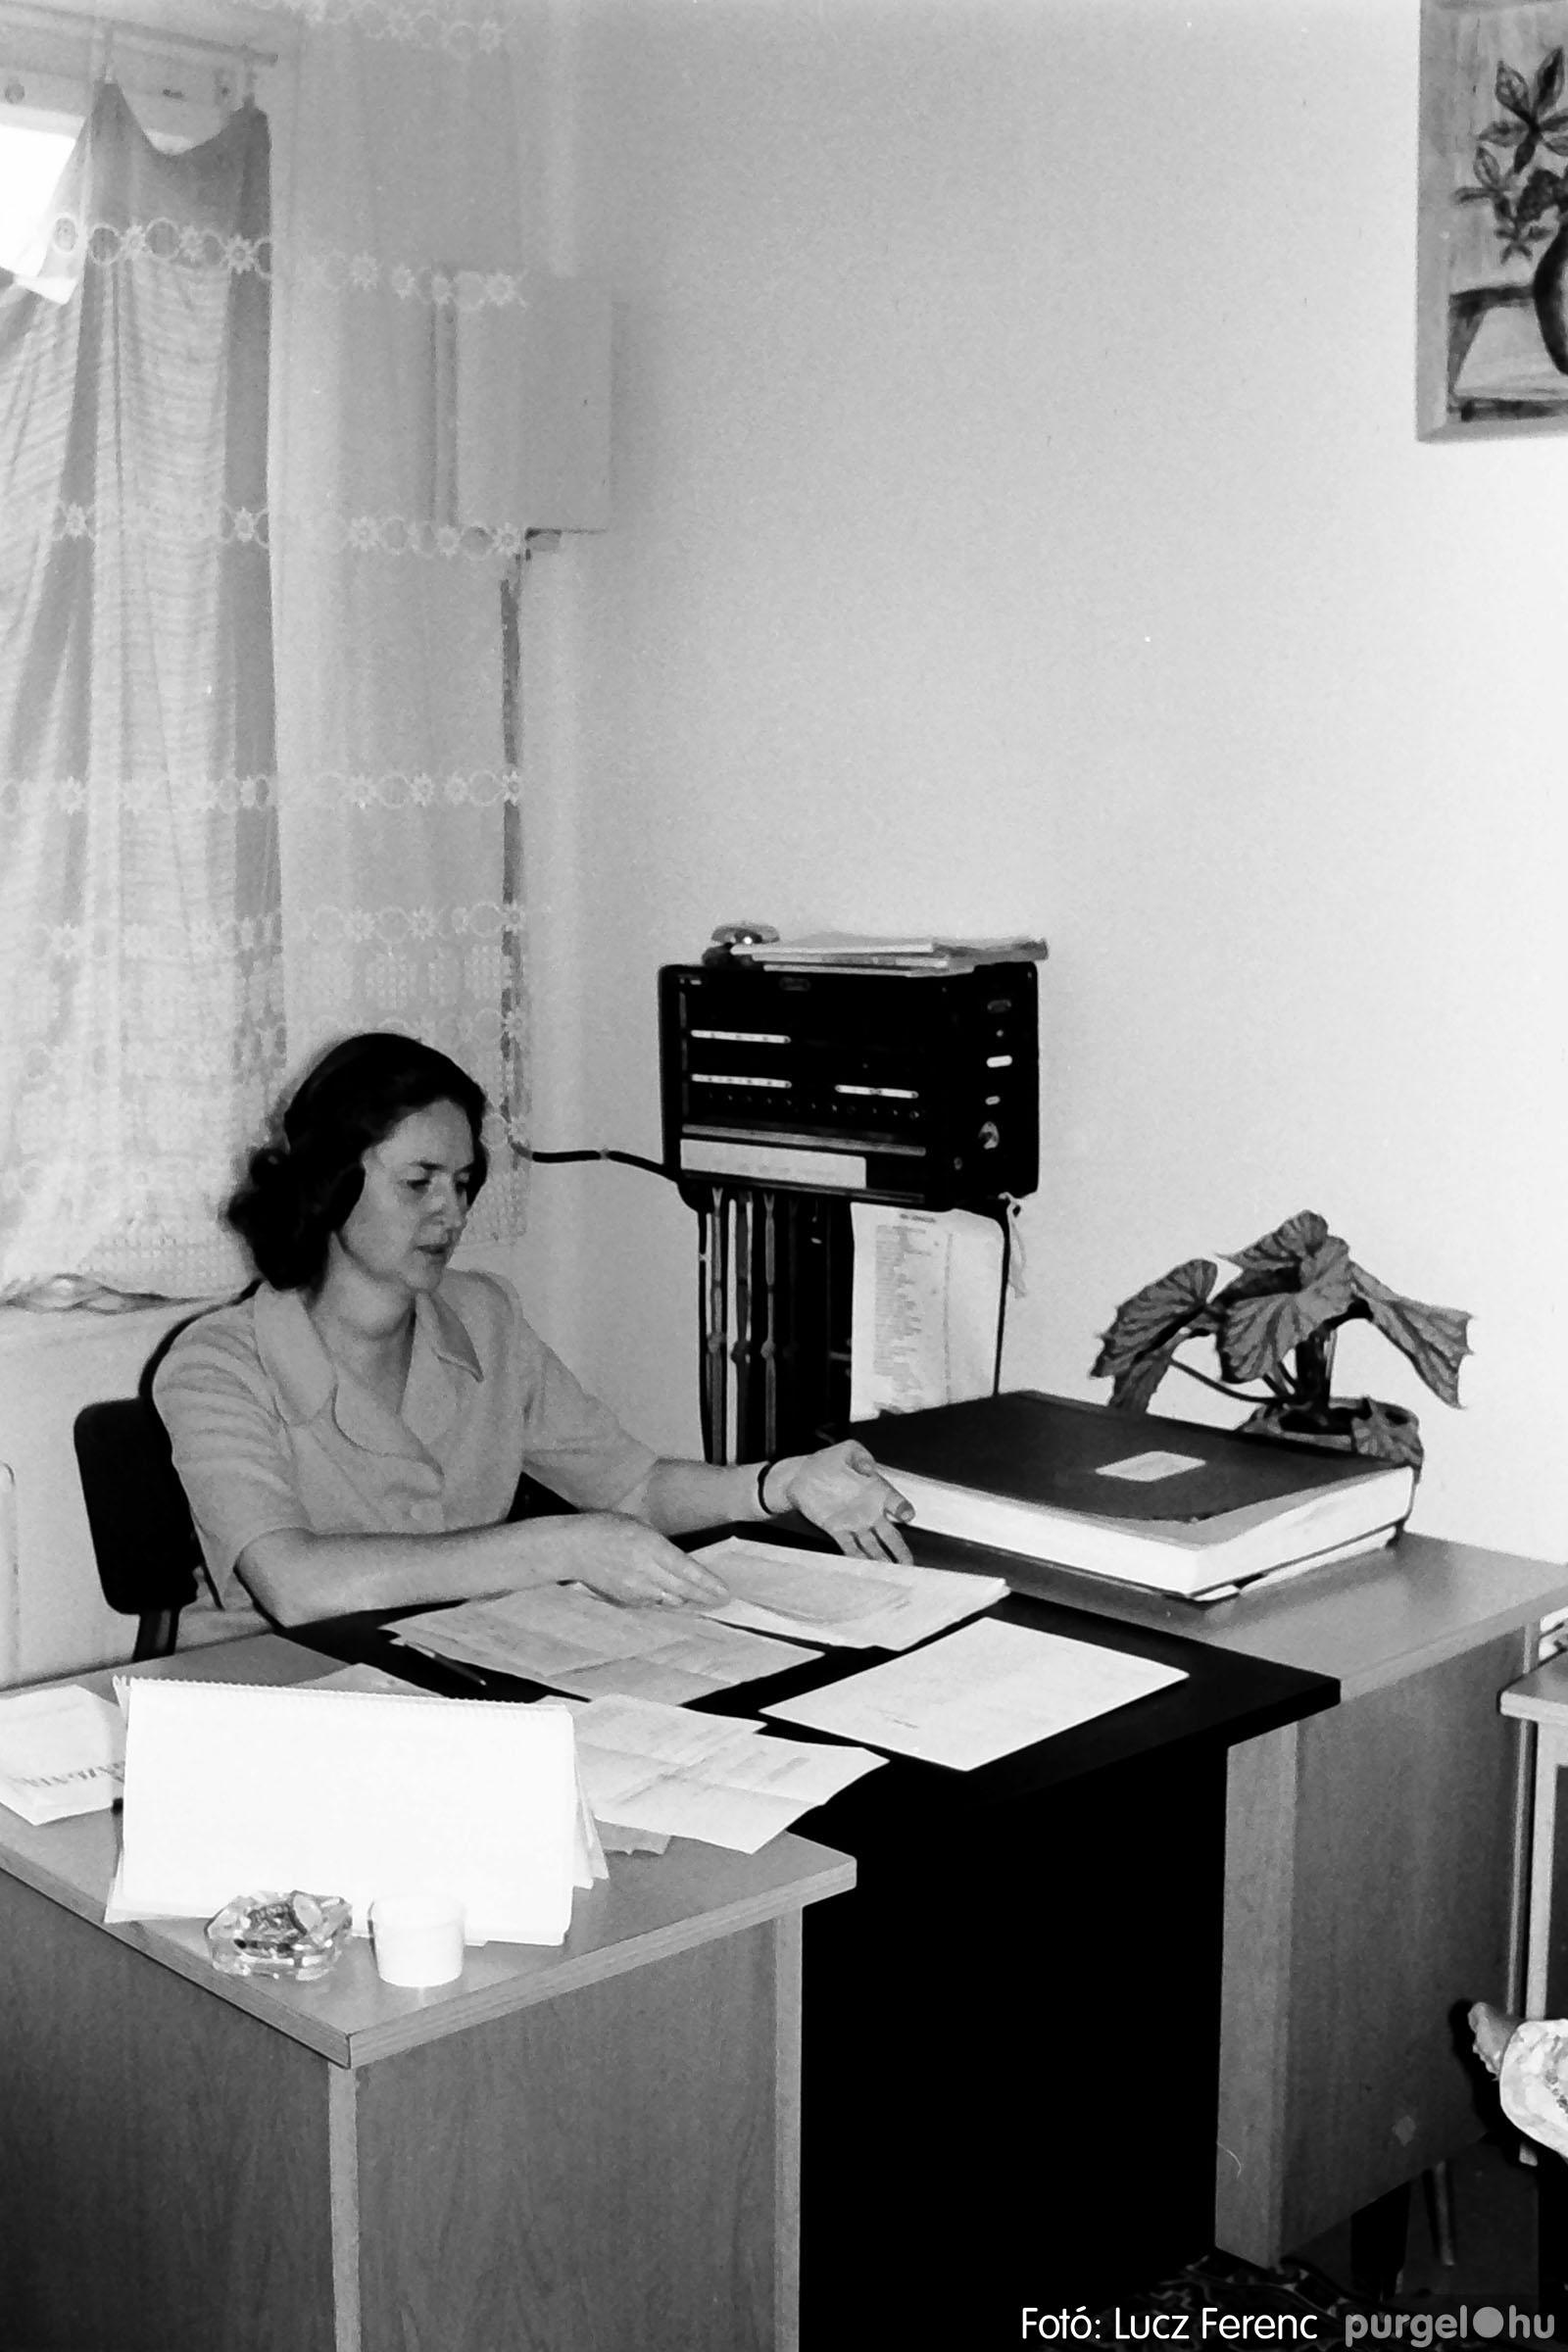 022 1975. Ünnepi ülés a tanácsházán 013 - Fotó: Lucz Ferenc .jpg